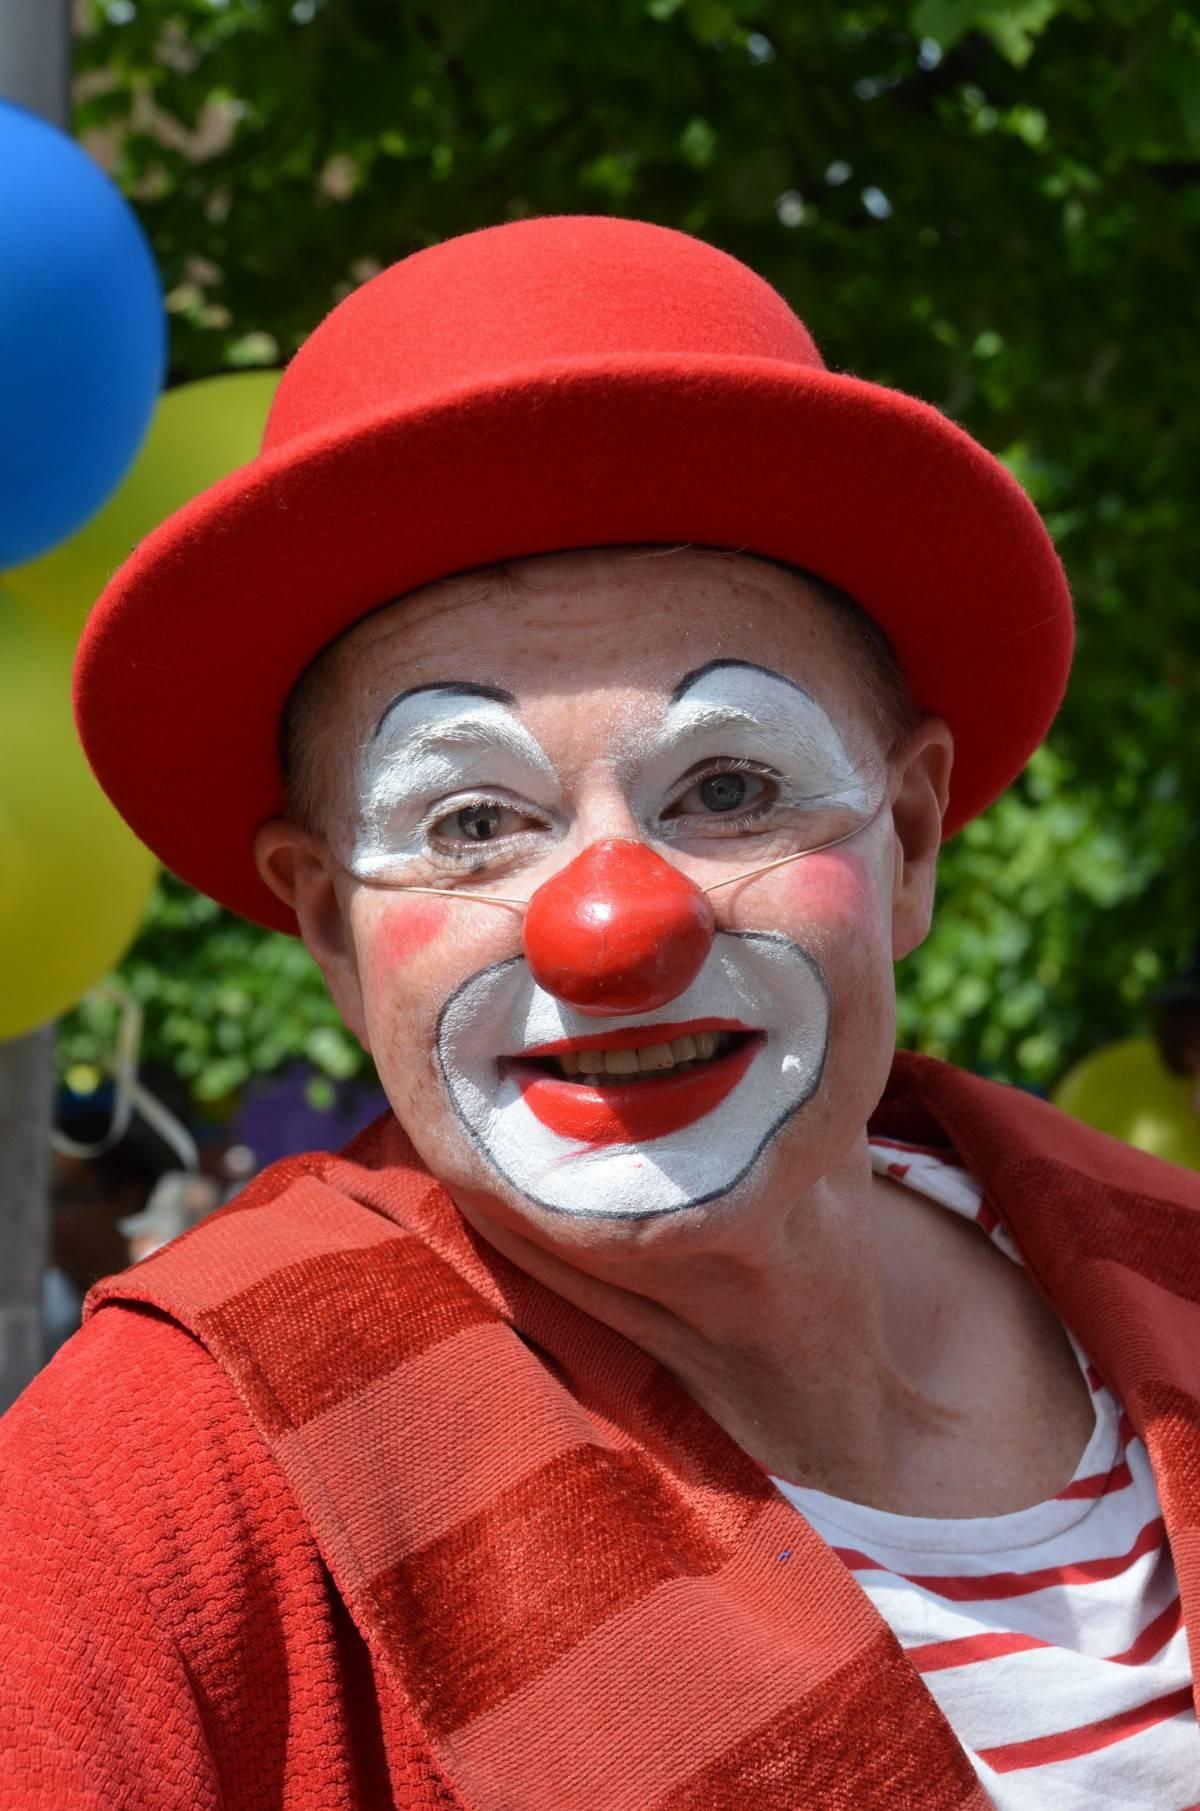 Нос красный: причины, лечение народными средствами. почему нос красный у мужчин отчего краснеет нос